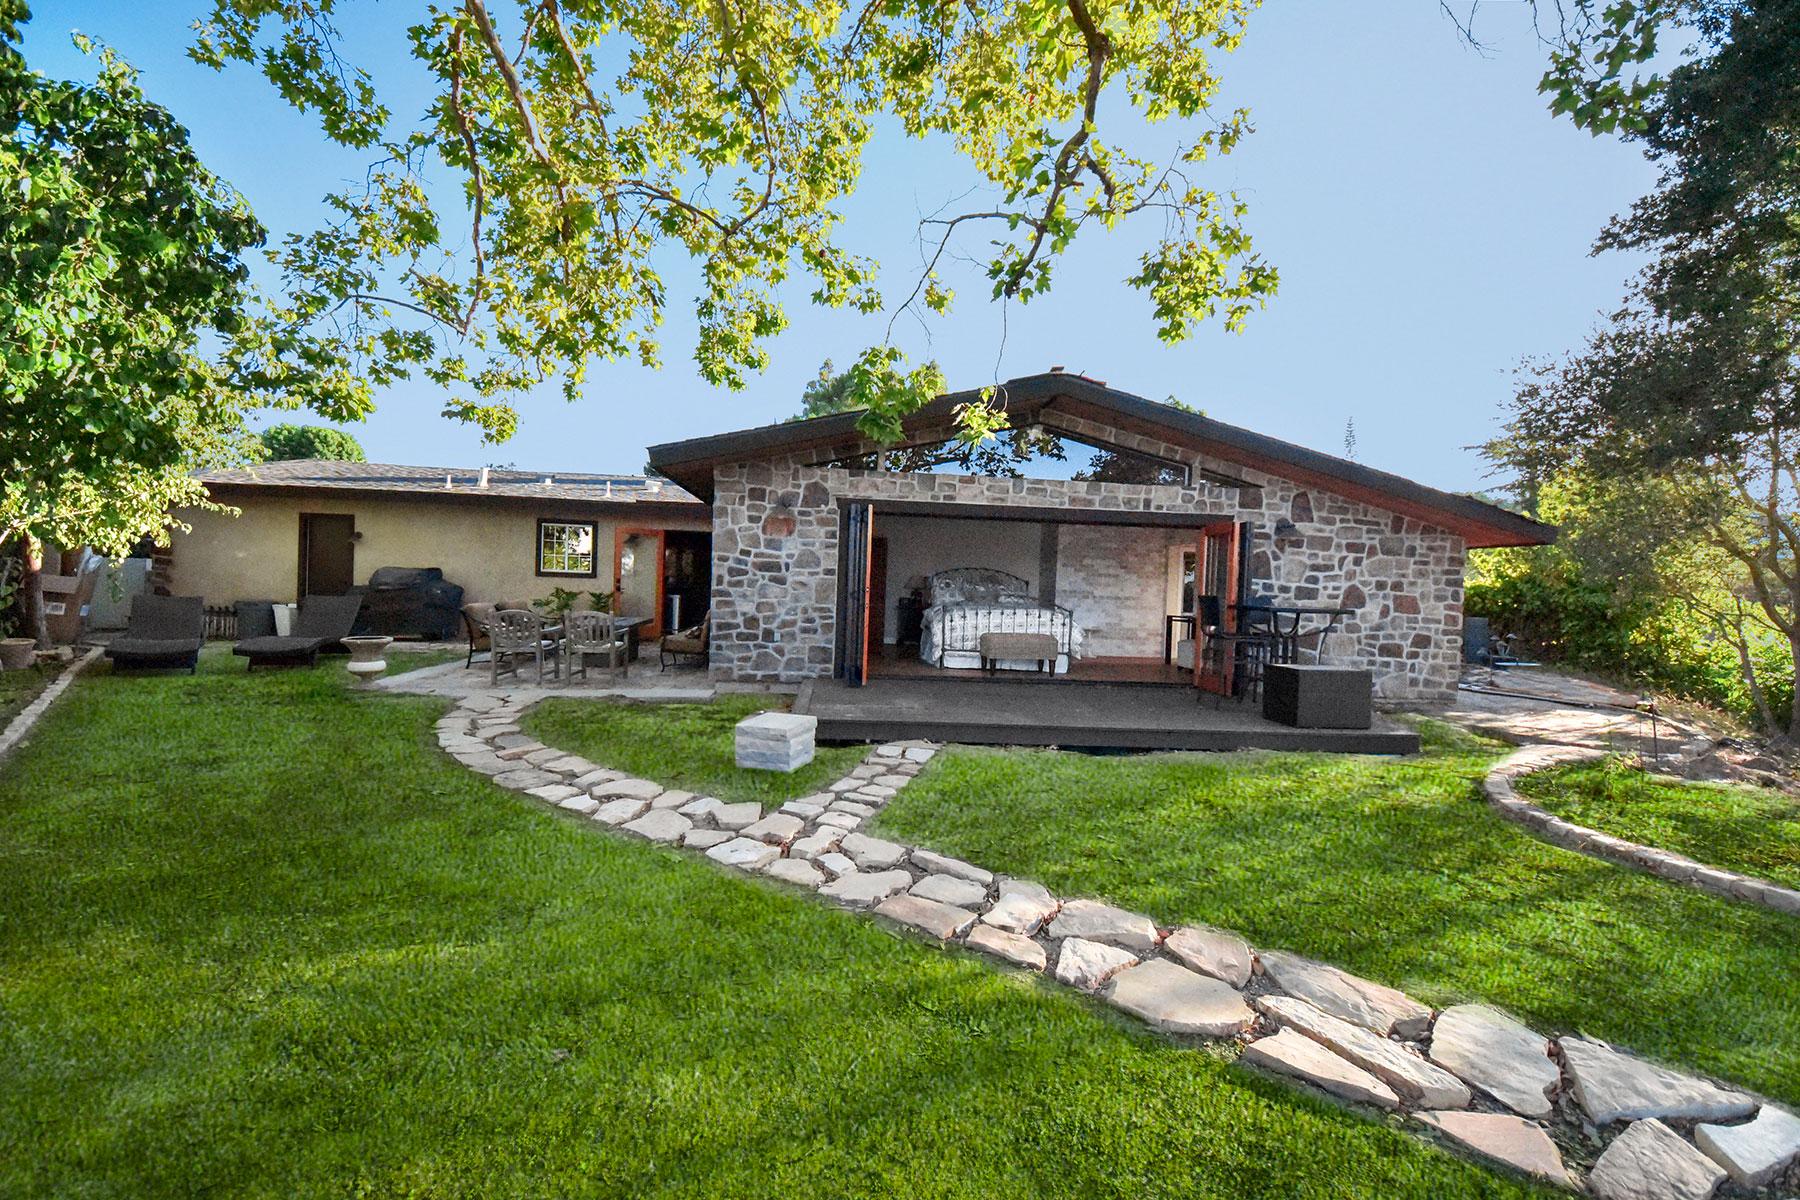 独户住宅 为 销售 在 3096 Nestall 拉古纳, 加利福尼亚州, 92651 美国